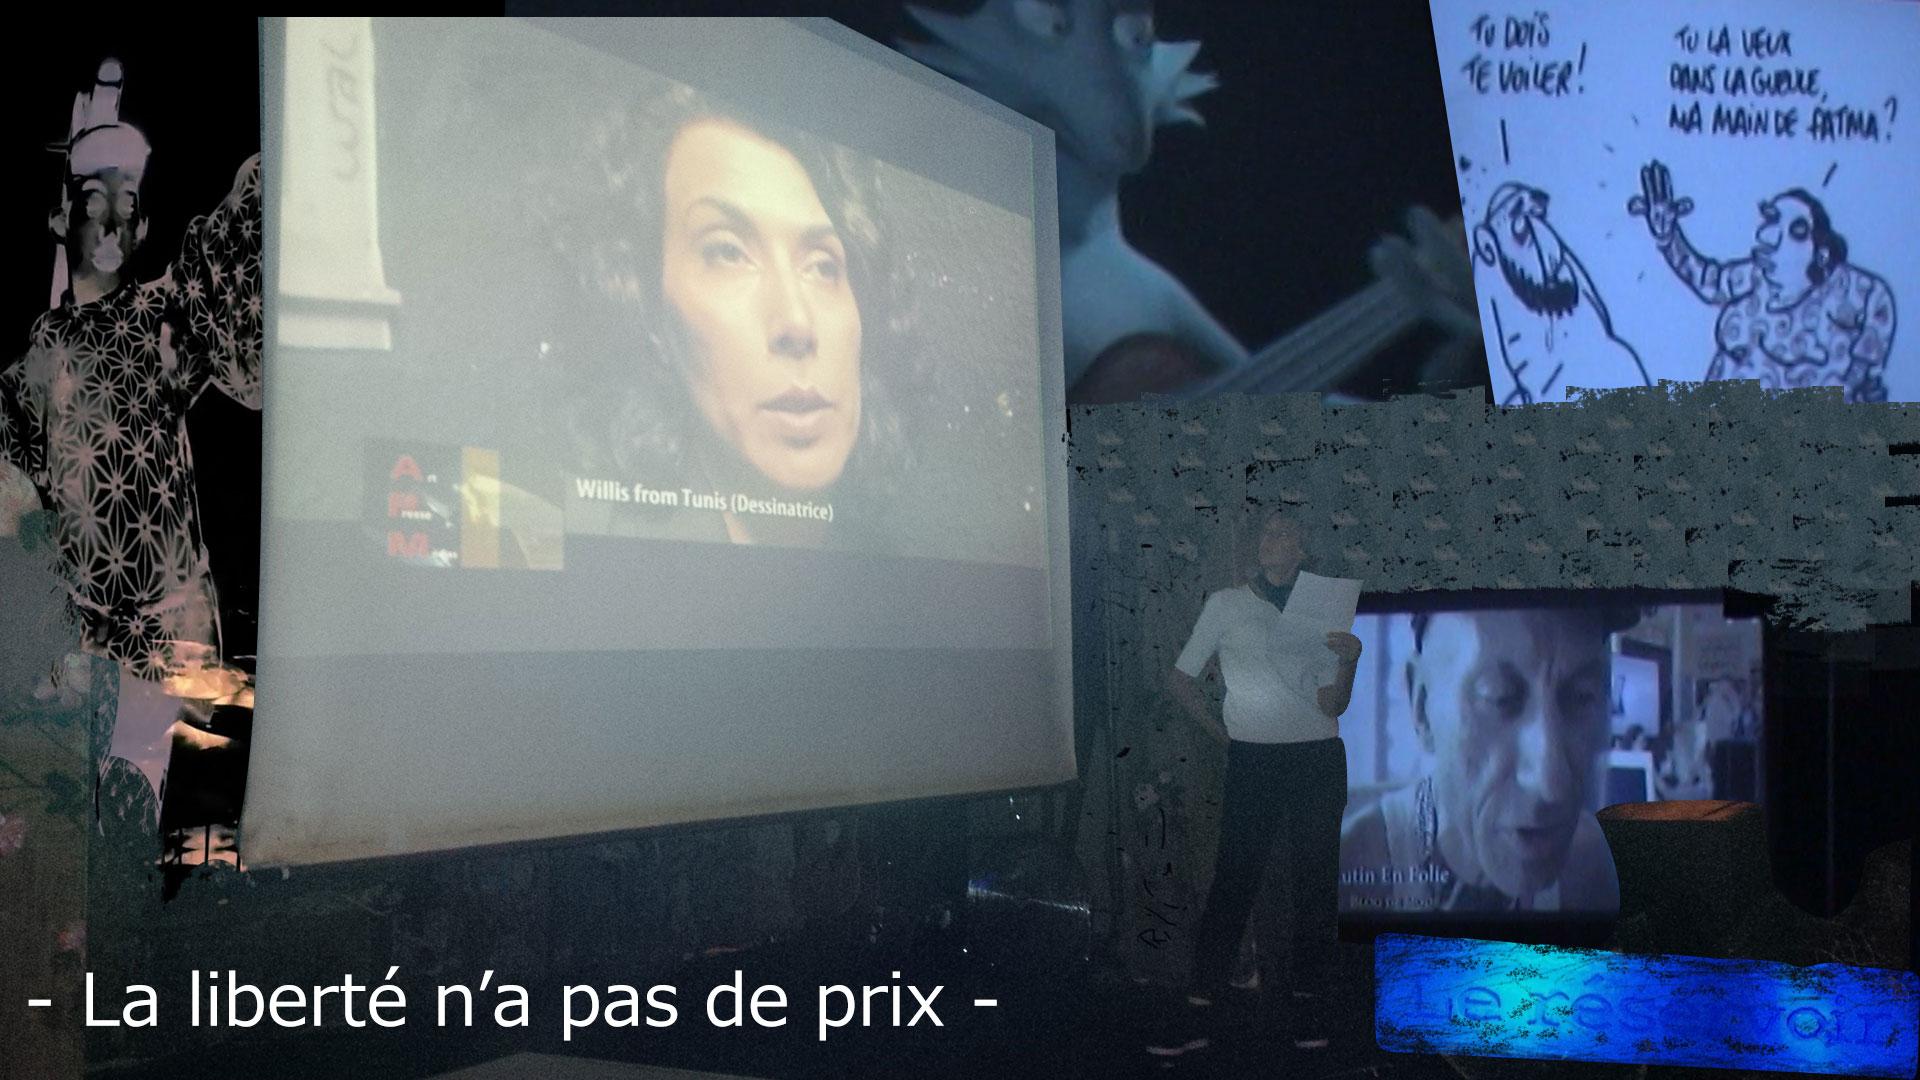 Zind-Kala-Wasté 2015 - Au Réservoir à Paris - Diffusion de plusieurs reportages sur le combat des dessinateurs de liberté en France et à l'étranger.